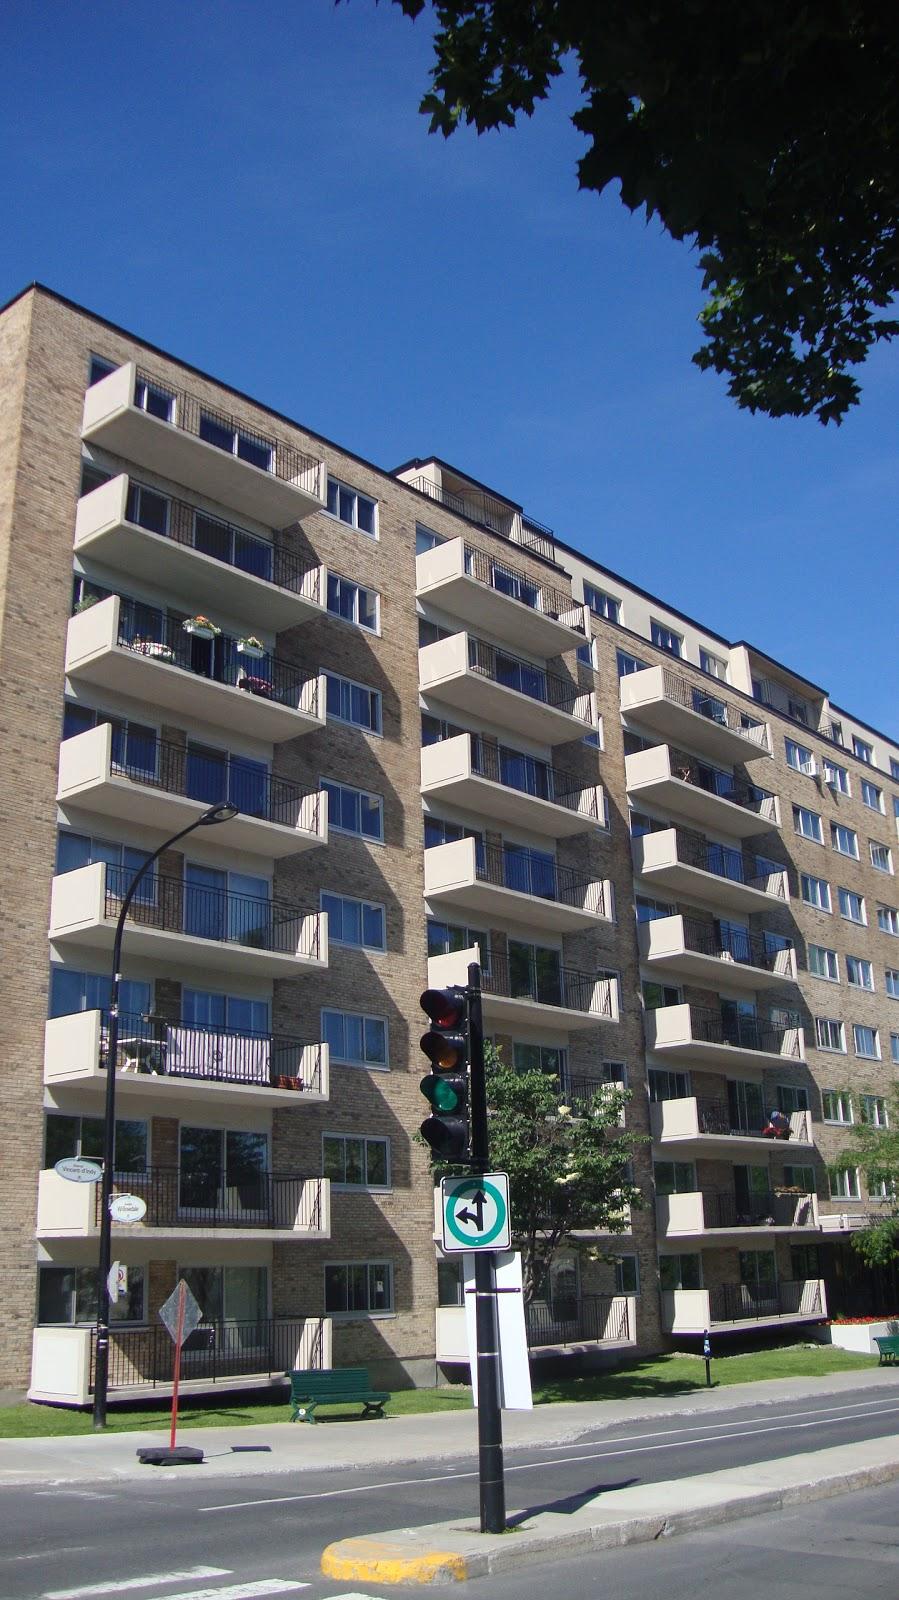 Familiprix - Thierry Mvilongo et Mony Pauline Pen | health | 7 Avenue Vincent-DIndy, Outremont, QC H2V 4N7, Canada | 5147384791 OR +1 514-738-4791